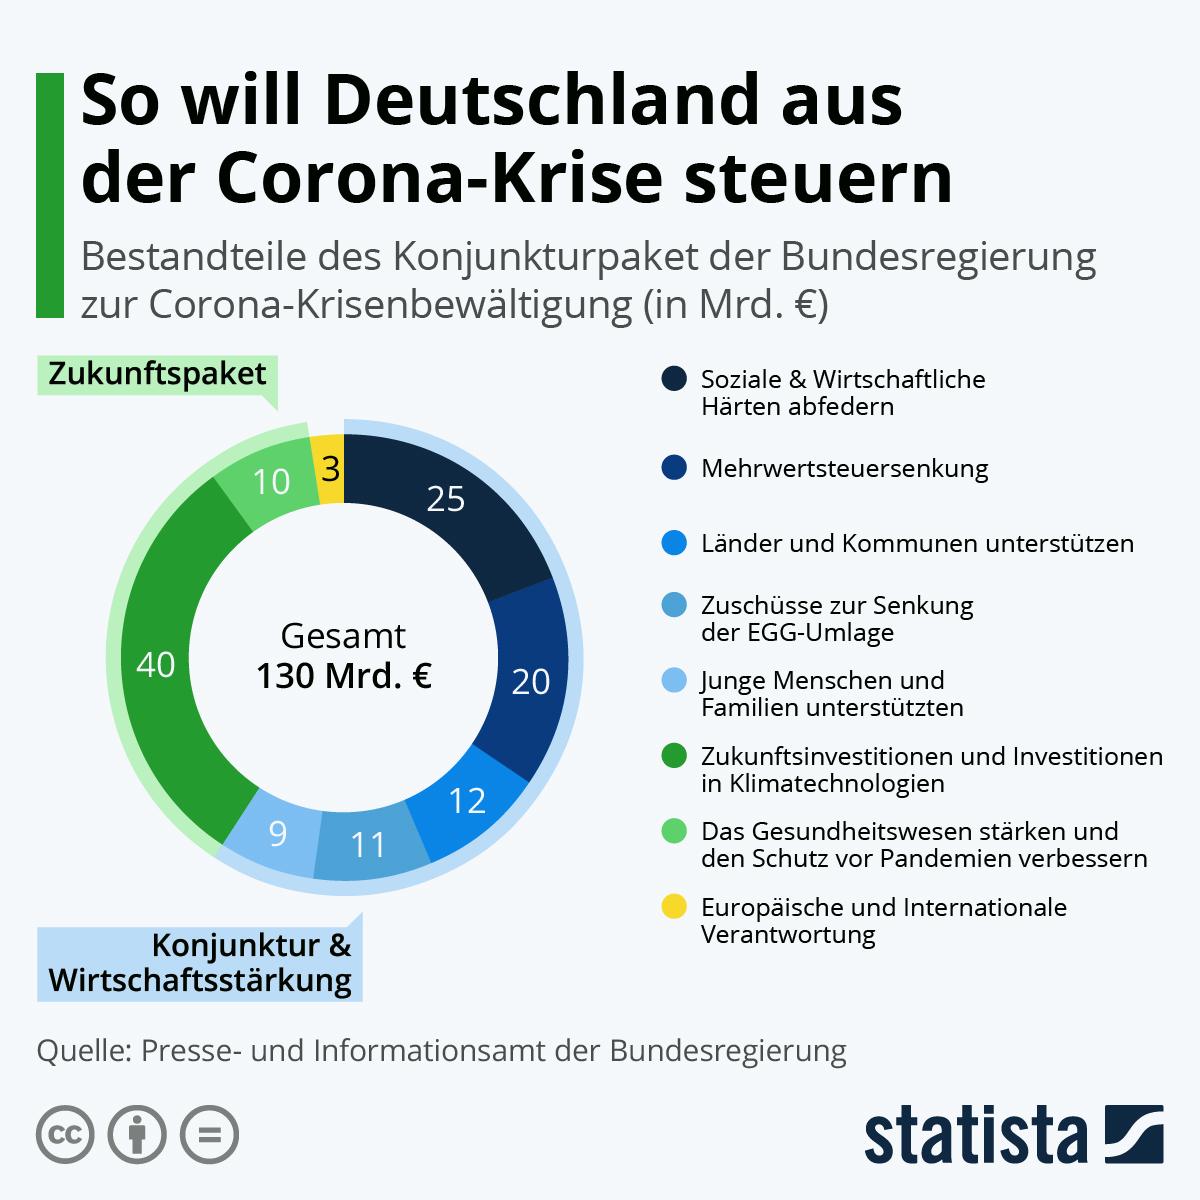 Infografik: So will Deutschland aus der Corona-Krise steuern | Statista